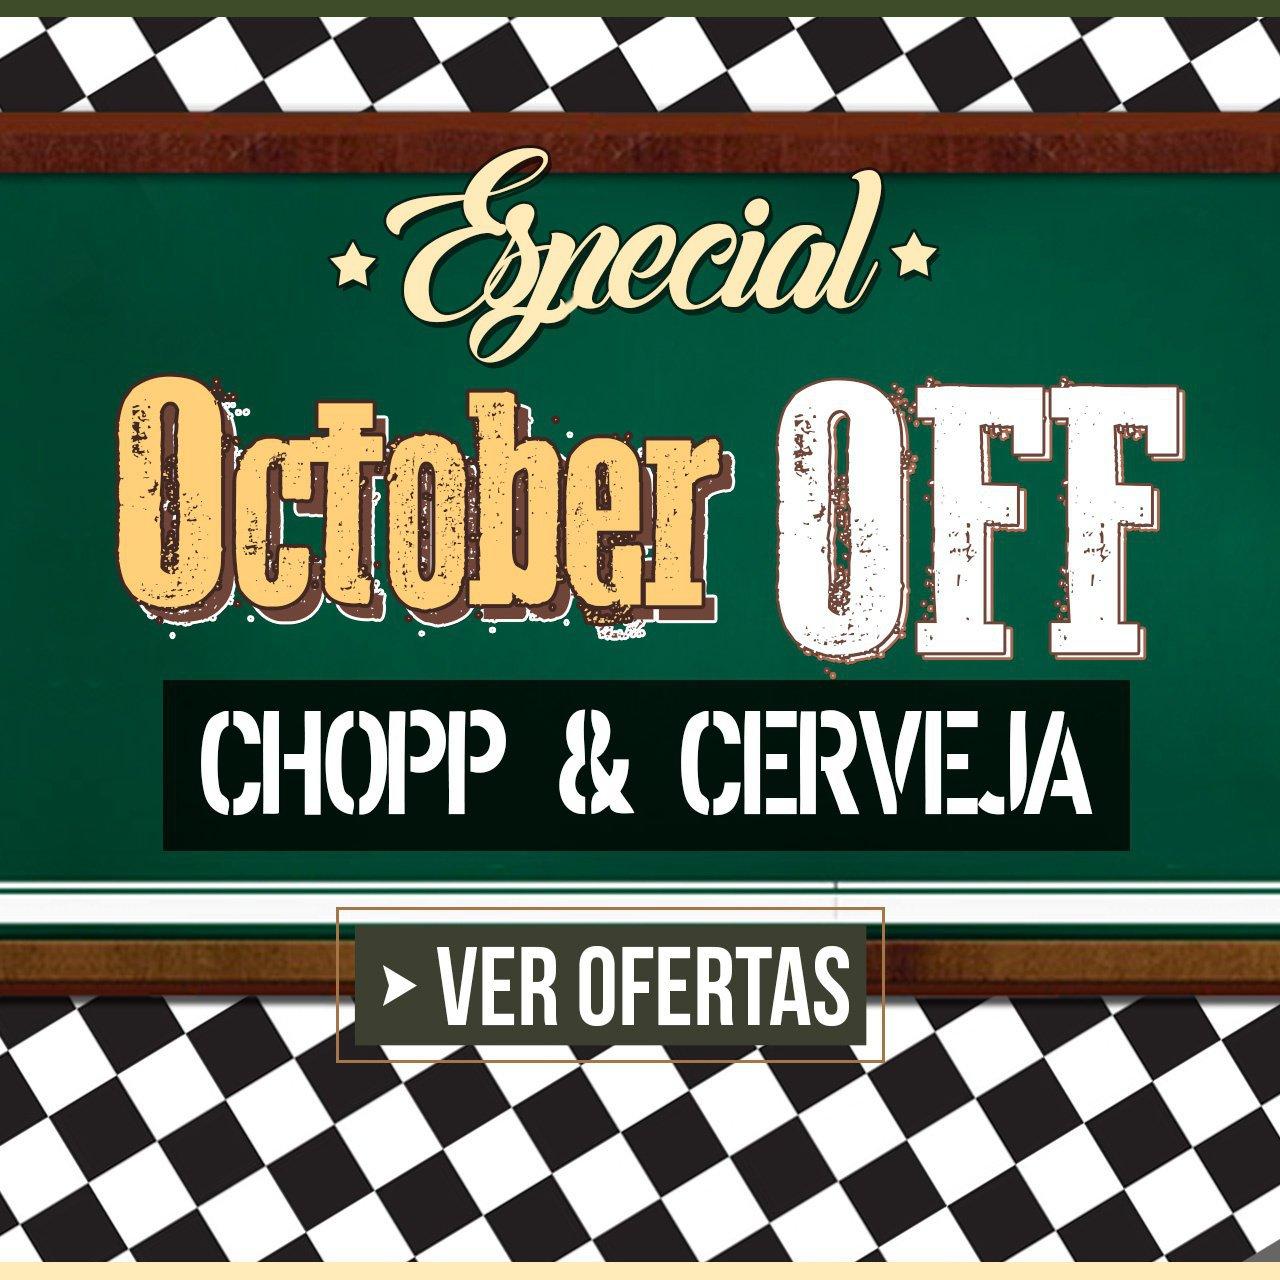 ESPECIAL OCTOBER OFF - CHOPP & CERVEJA